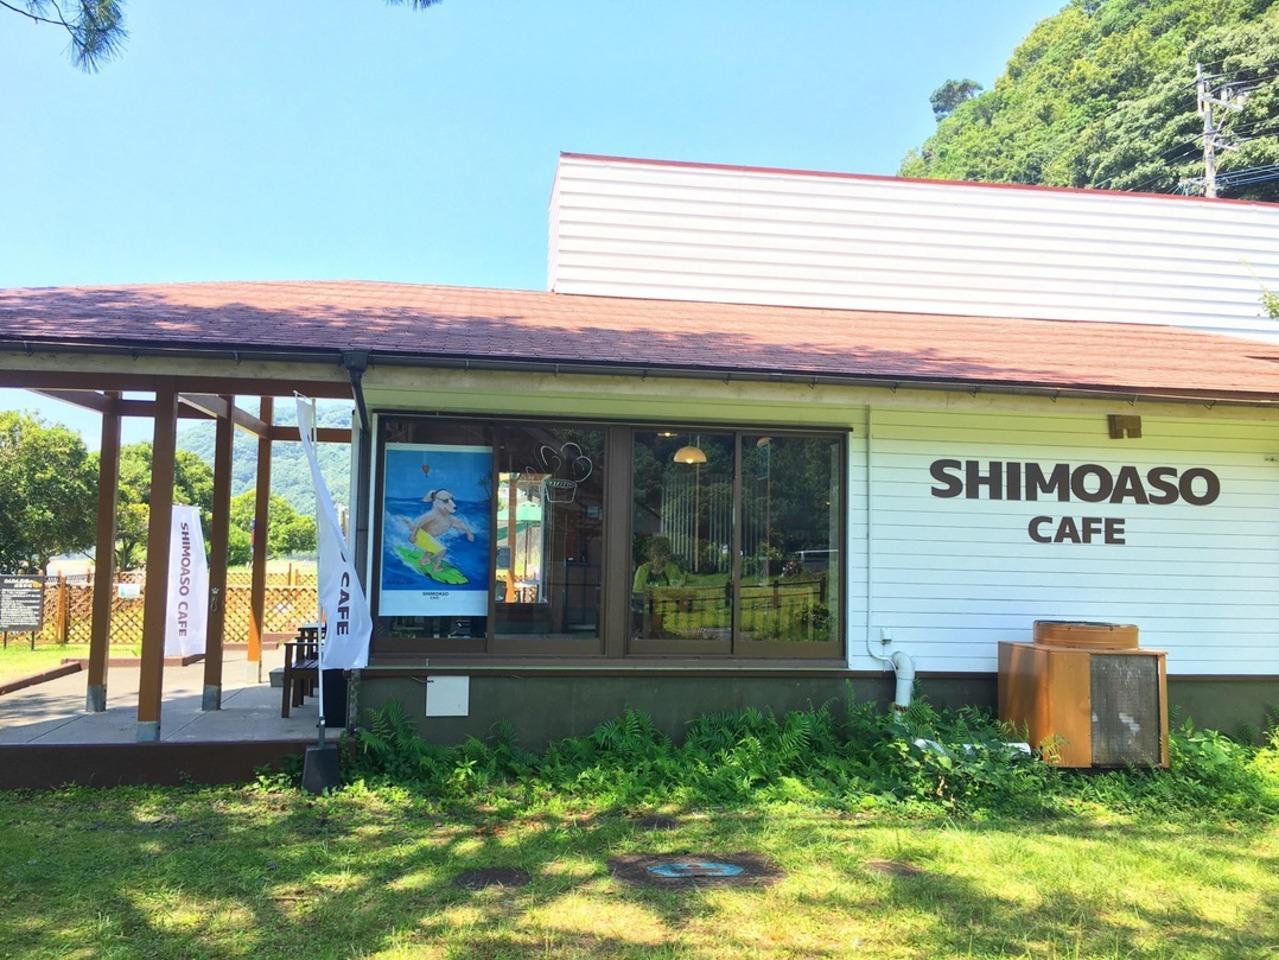 祝!7/23open『シモアソ カフェ』(宮崎県延岡市)